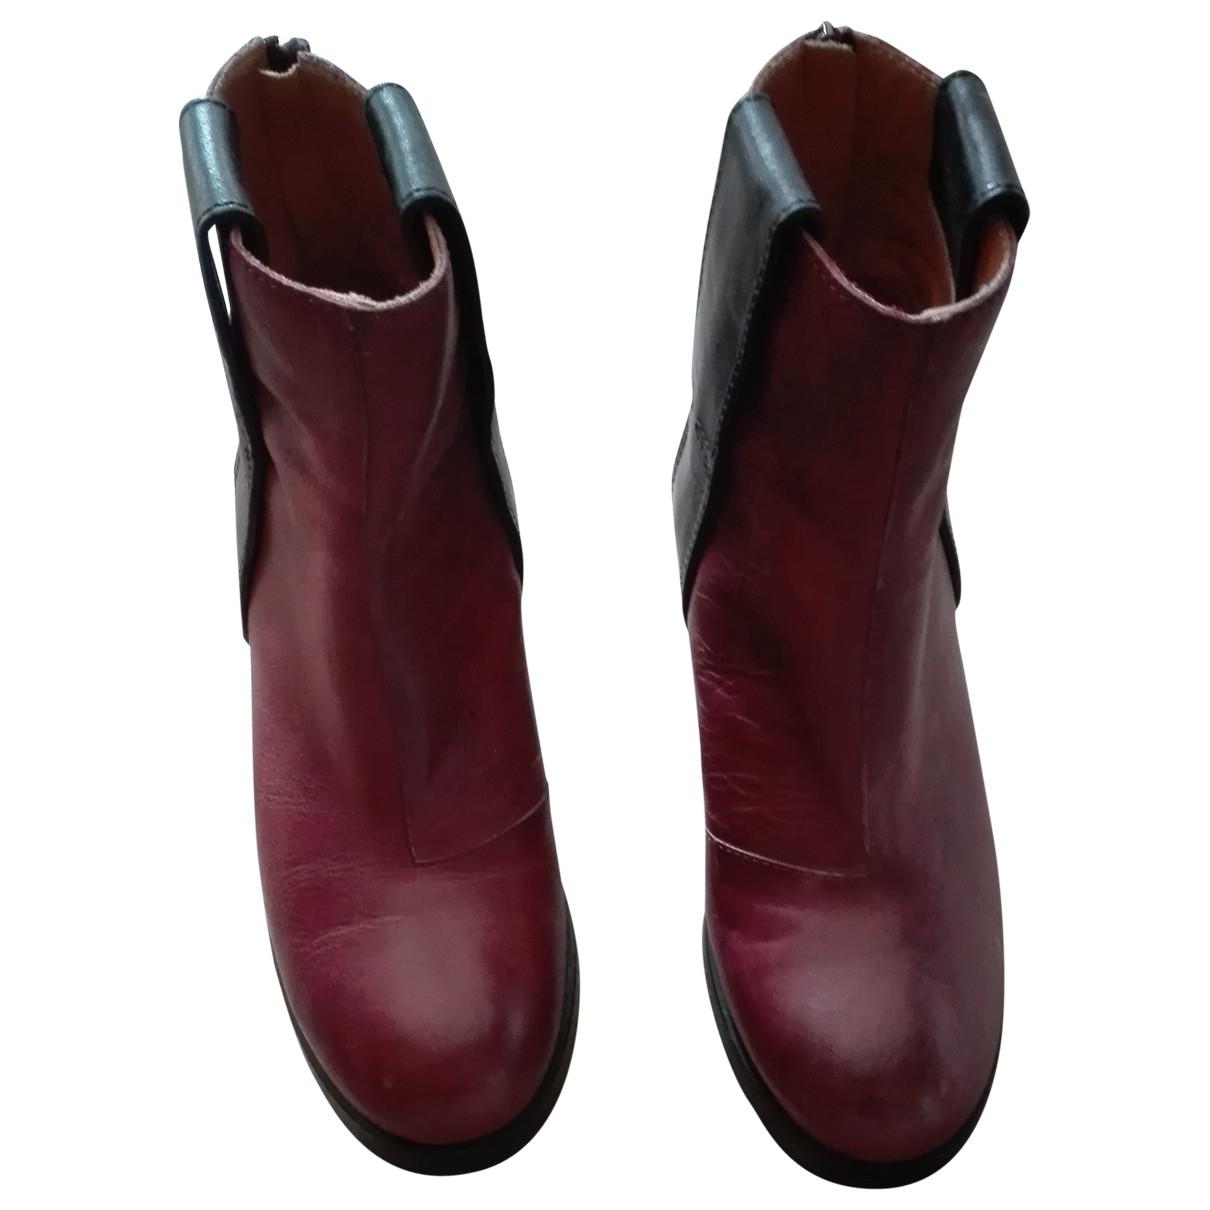 Mm6 - Boots   pour femme en cuir - bordeaux